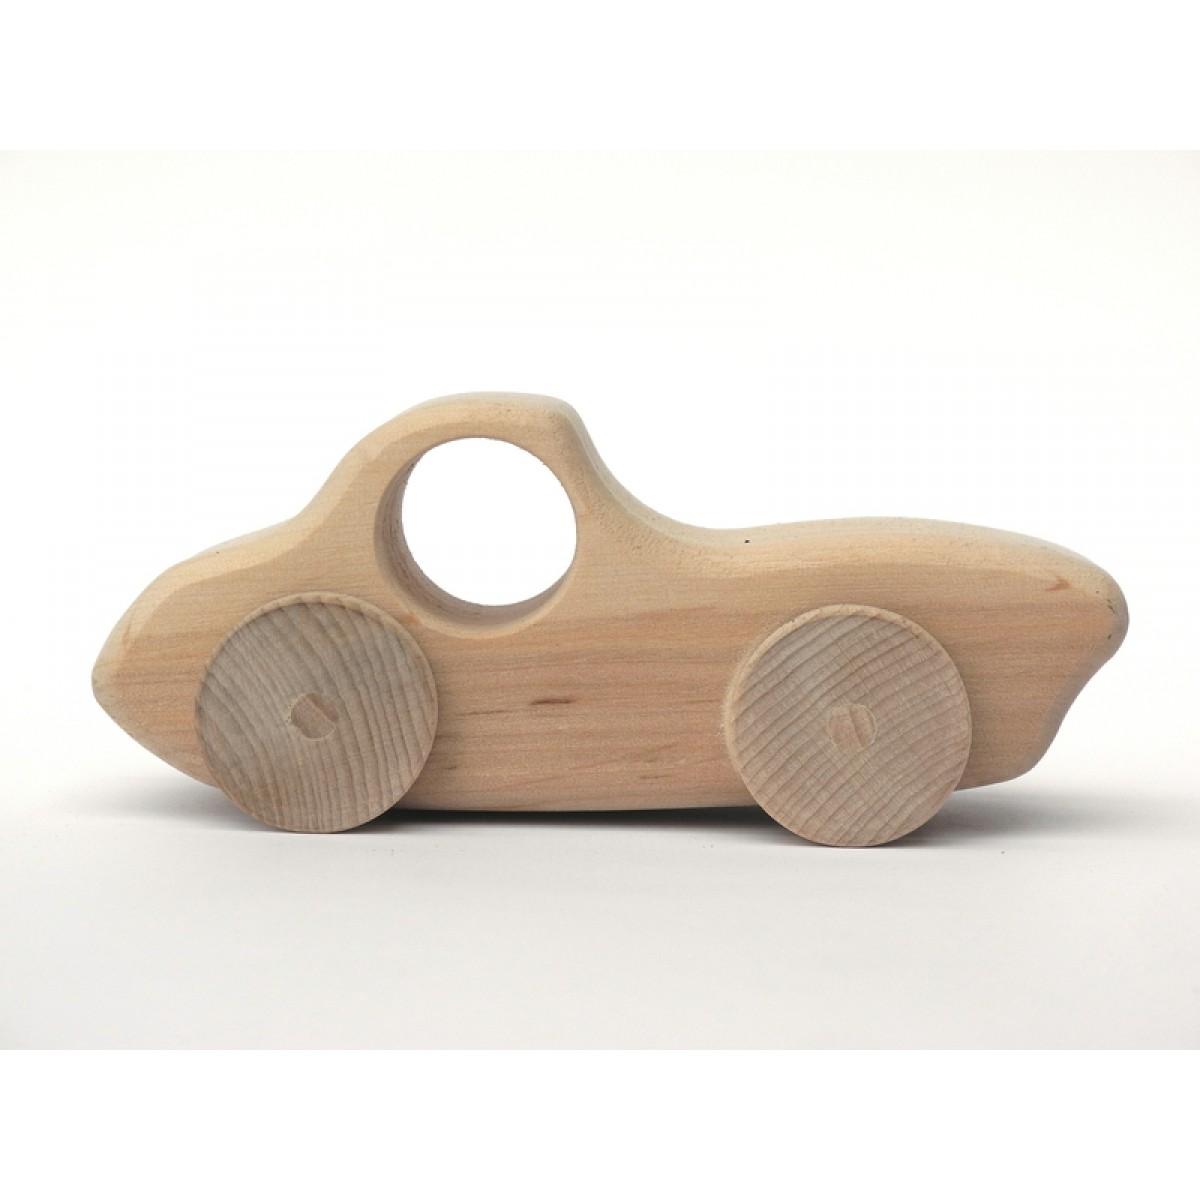 Schaukeltier holzauto colette beim holzspielzeug profi for Holzspielzeug profi